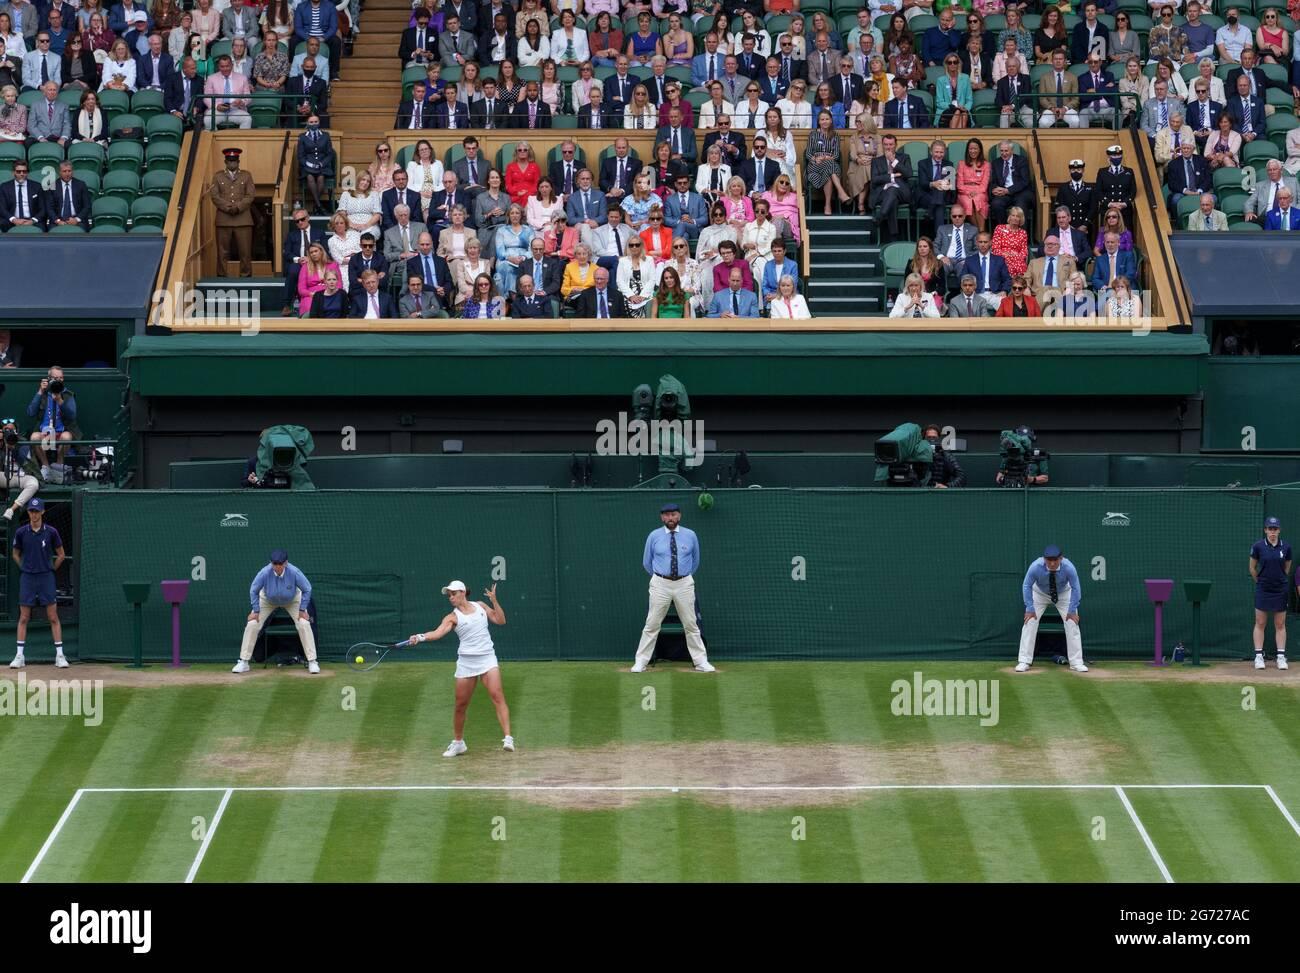 Gäste der Royal Box, während Ashleigh Barty (AUS) im Finale der Dameneinzel am 12. Tag von Wimbledon im All England Lawn Tennis and Croquet Club in Wimbledon gegen Karolina Pliskova (CZE) spielt. Bilddatum: Samstag, 10. Juli 2021. Stockfoto